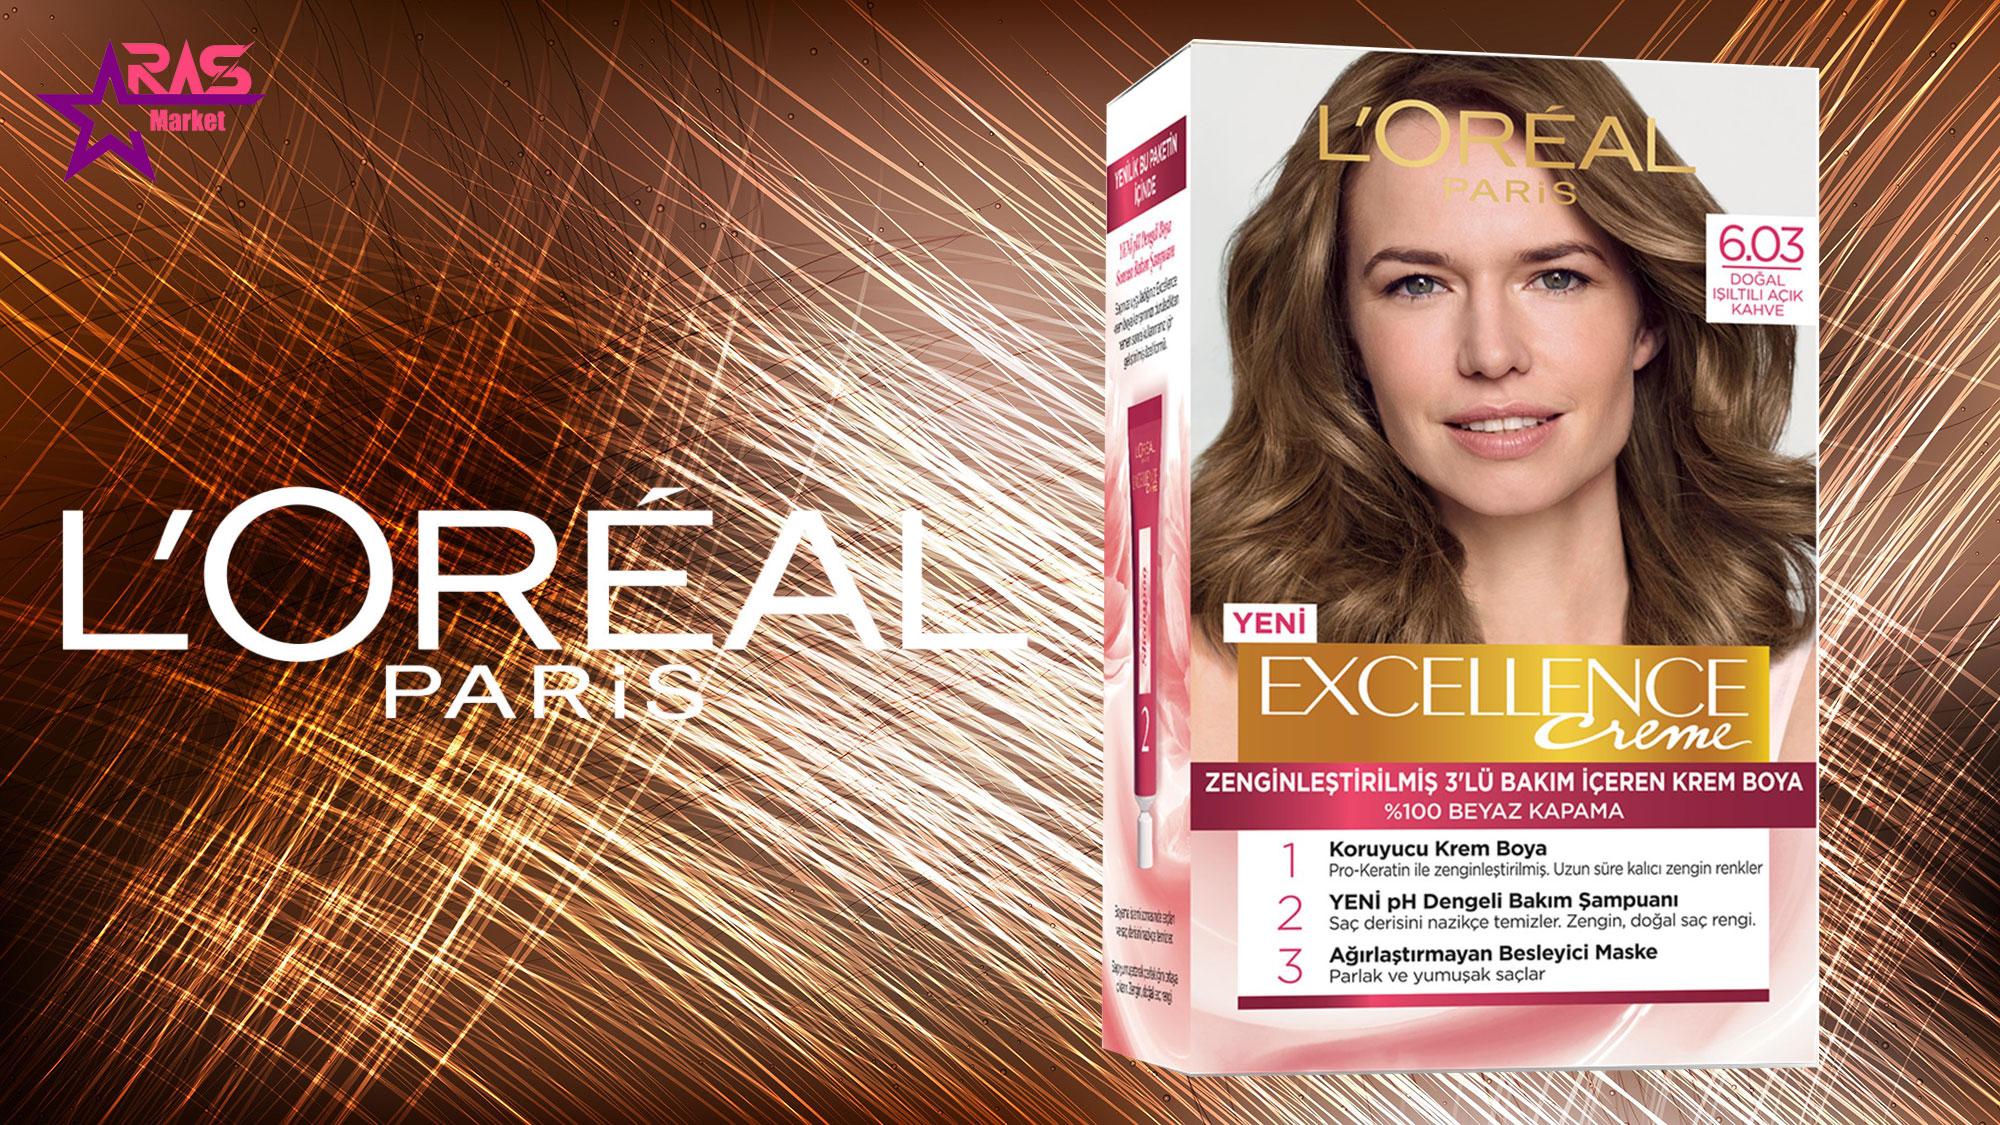 کیت رنگ مو لورآل سری Excellence شماره 6.03 ، خرید اینترنتی محصولات شوینده و بهداشتی ، بهداشت بانوان